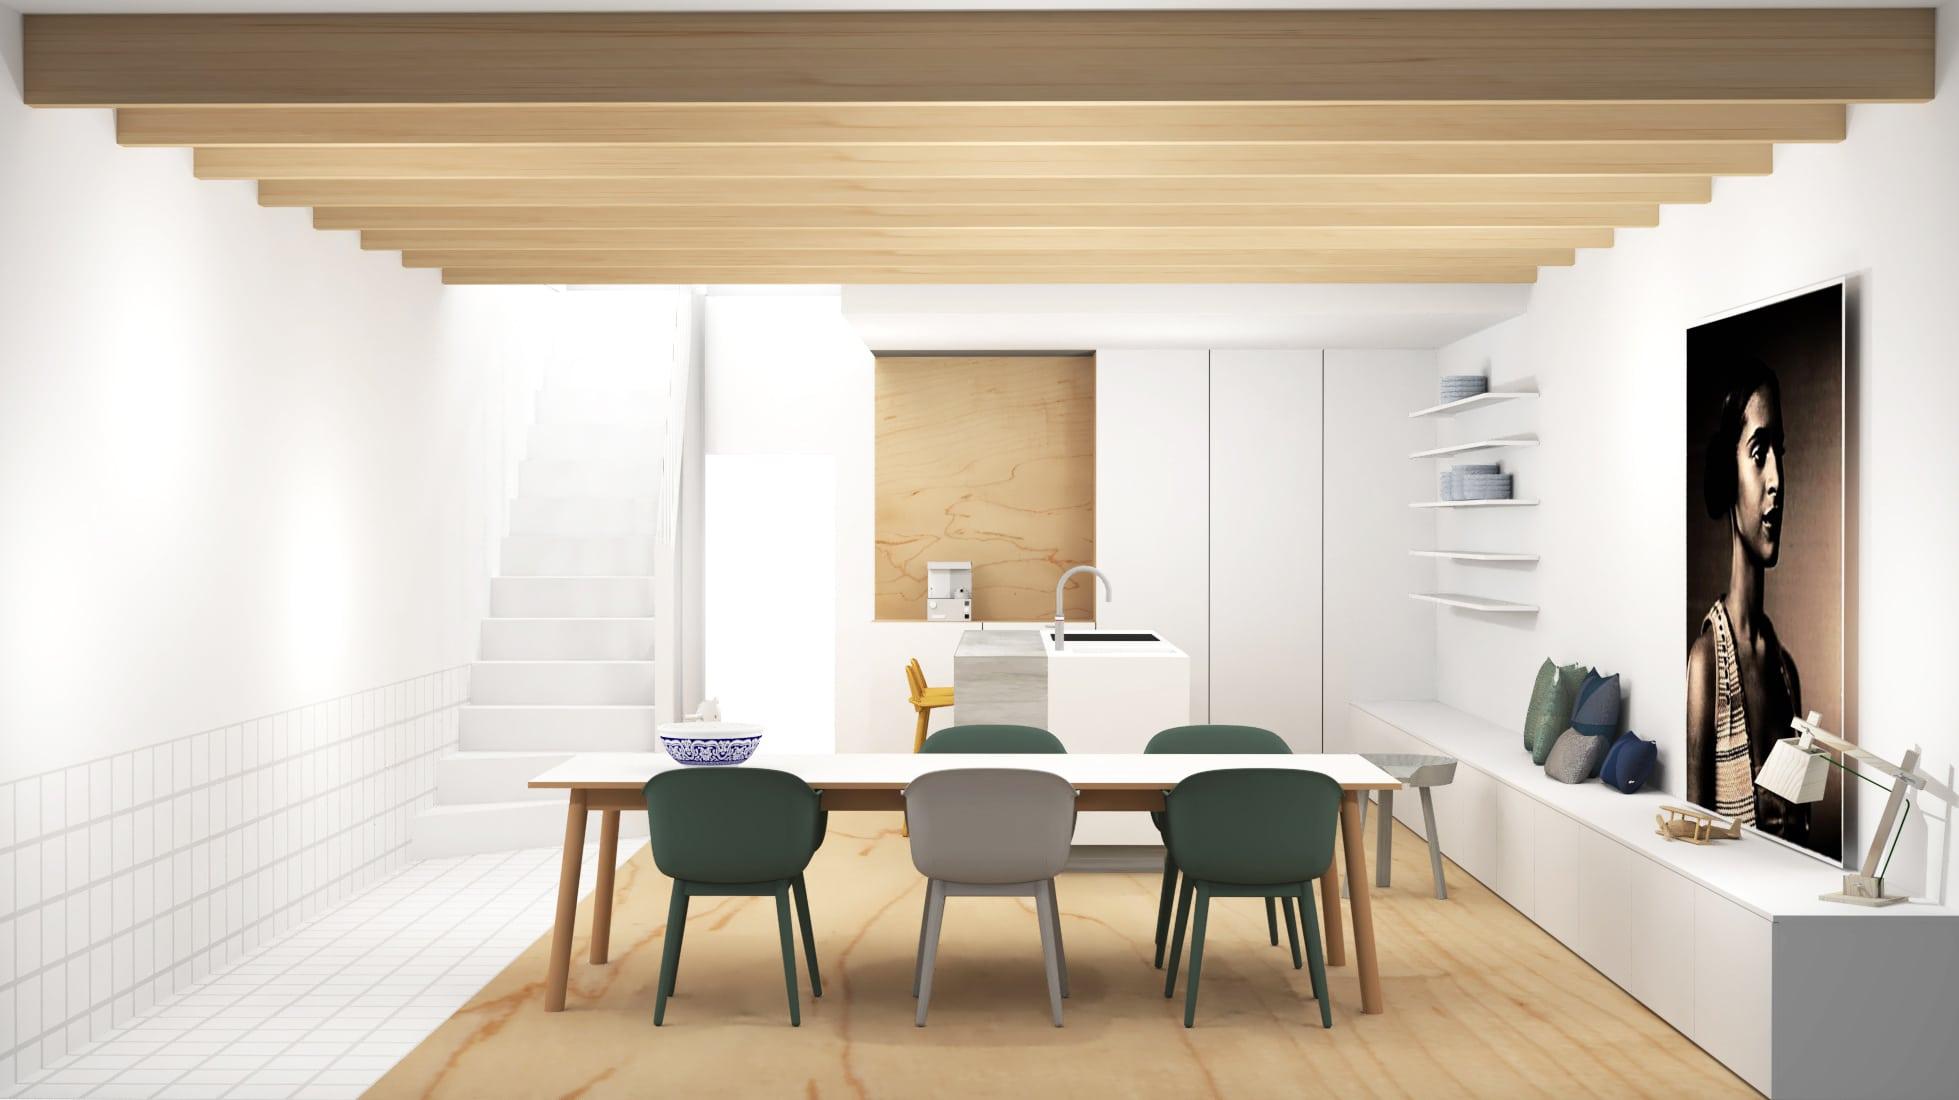 Ontwerp woonkeuken met houten balken en veel ruimte